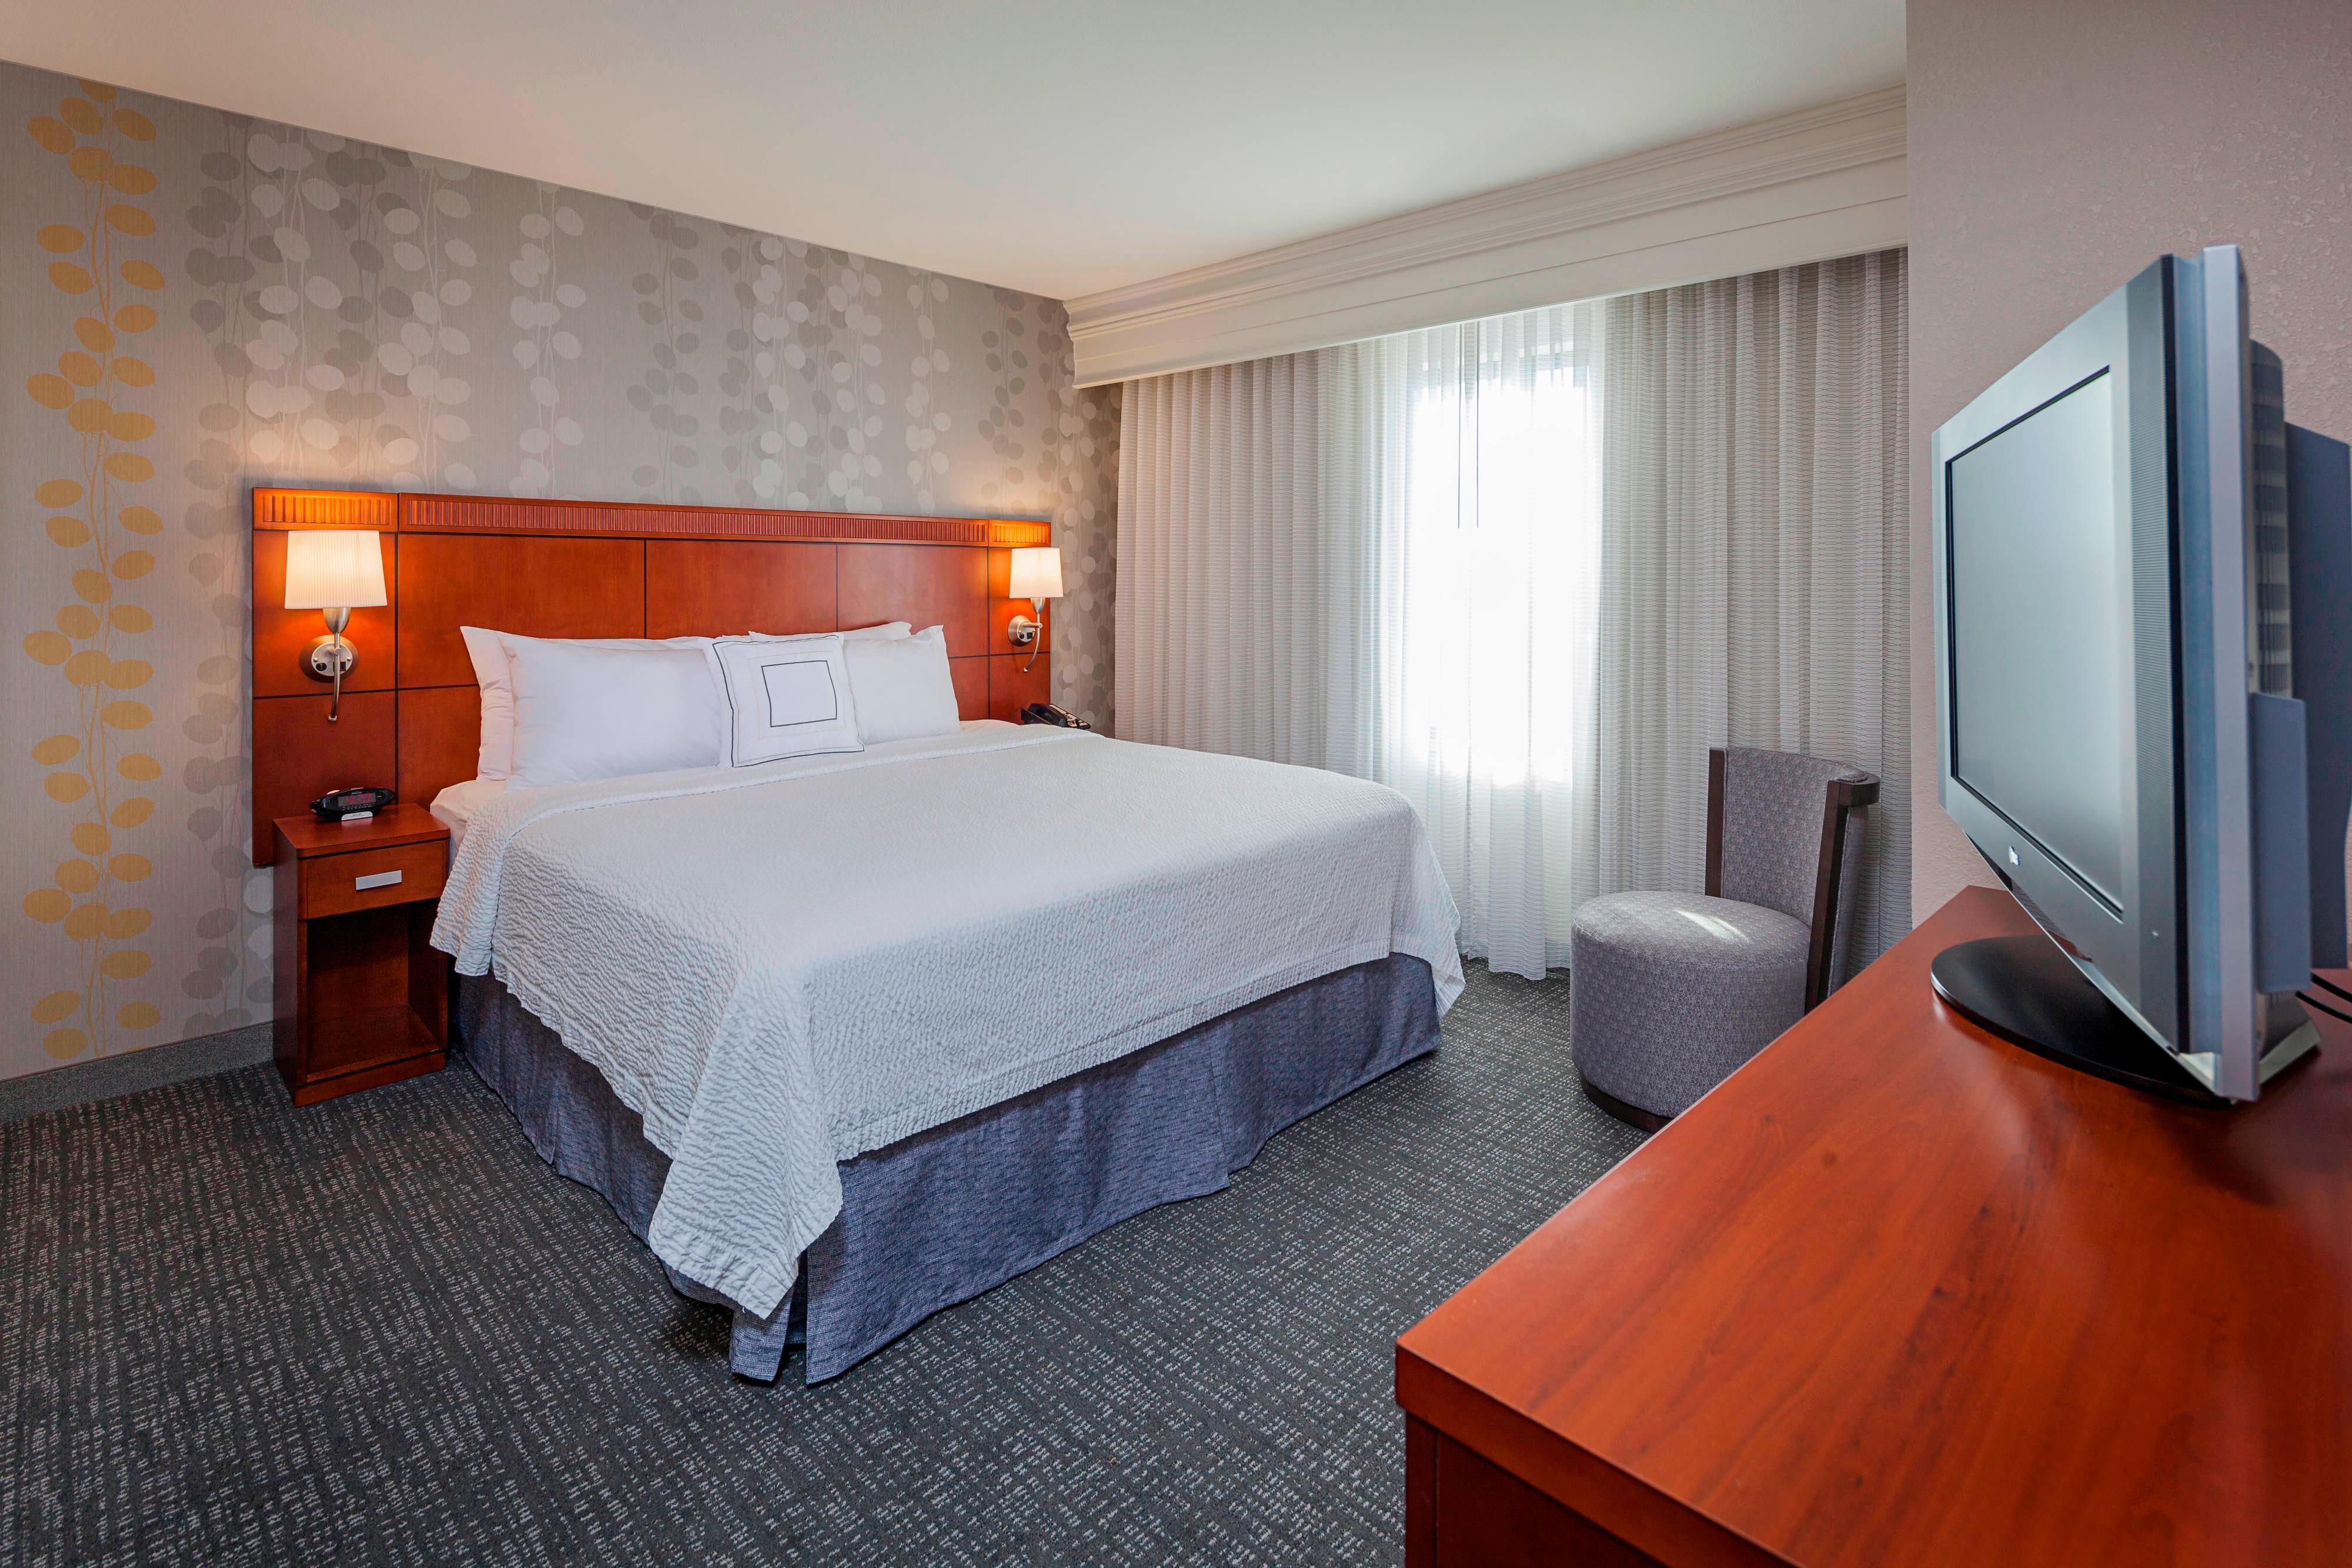 Madison West Suites